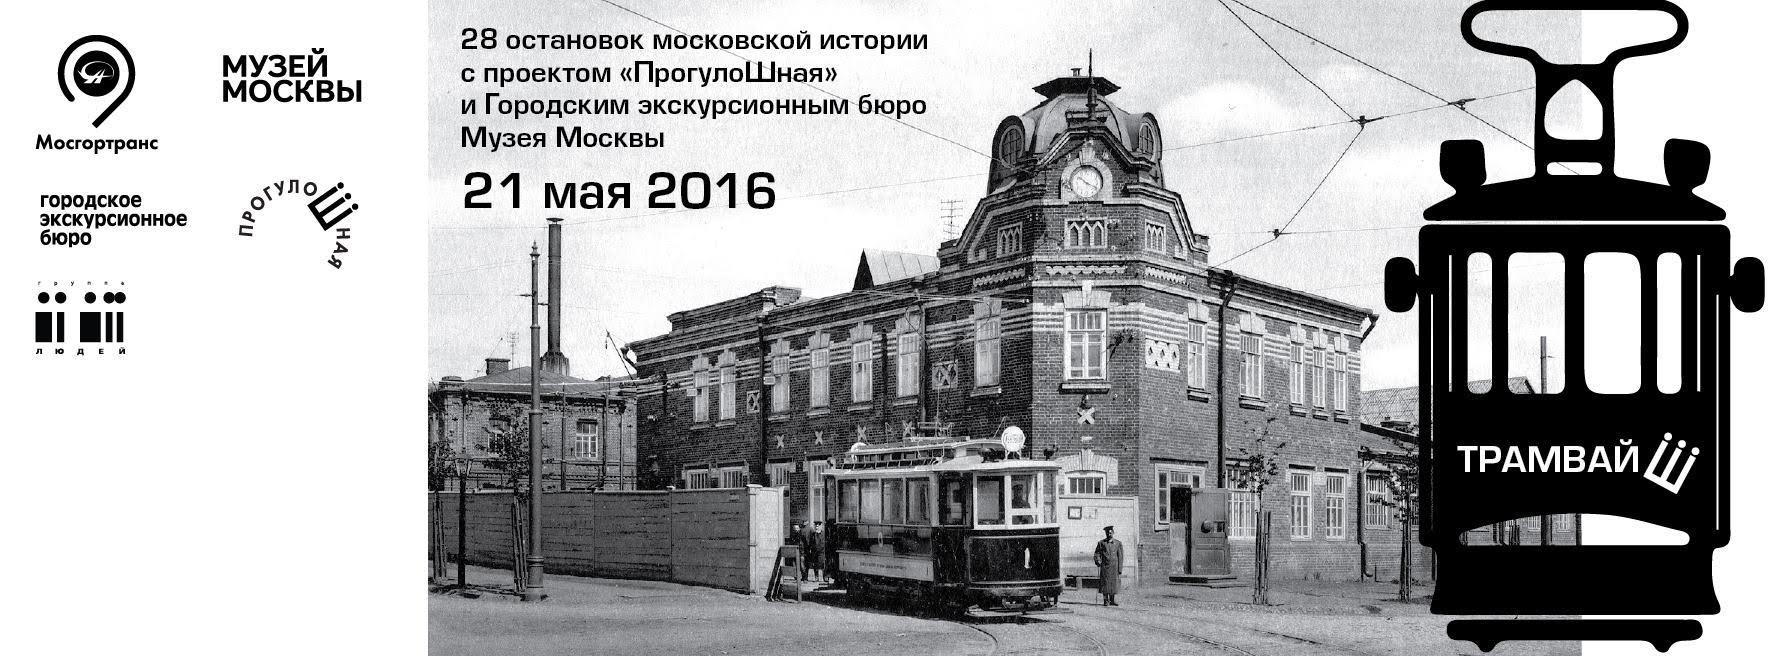 Сокольнические мастерские городских железных дорог. Угол Матросской тишины и 5ой Сокольнической улицы.